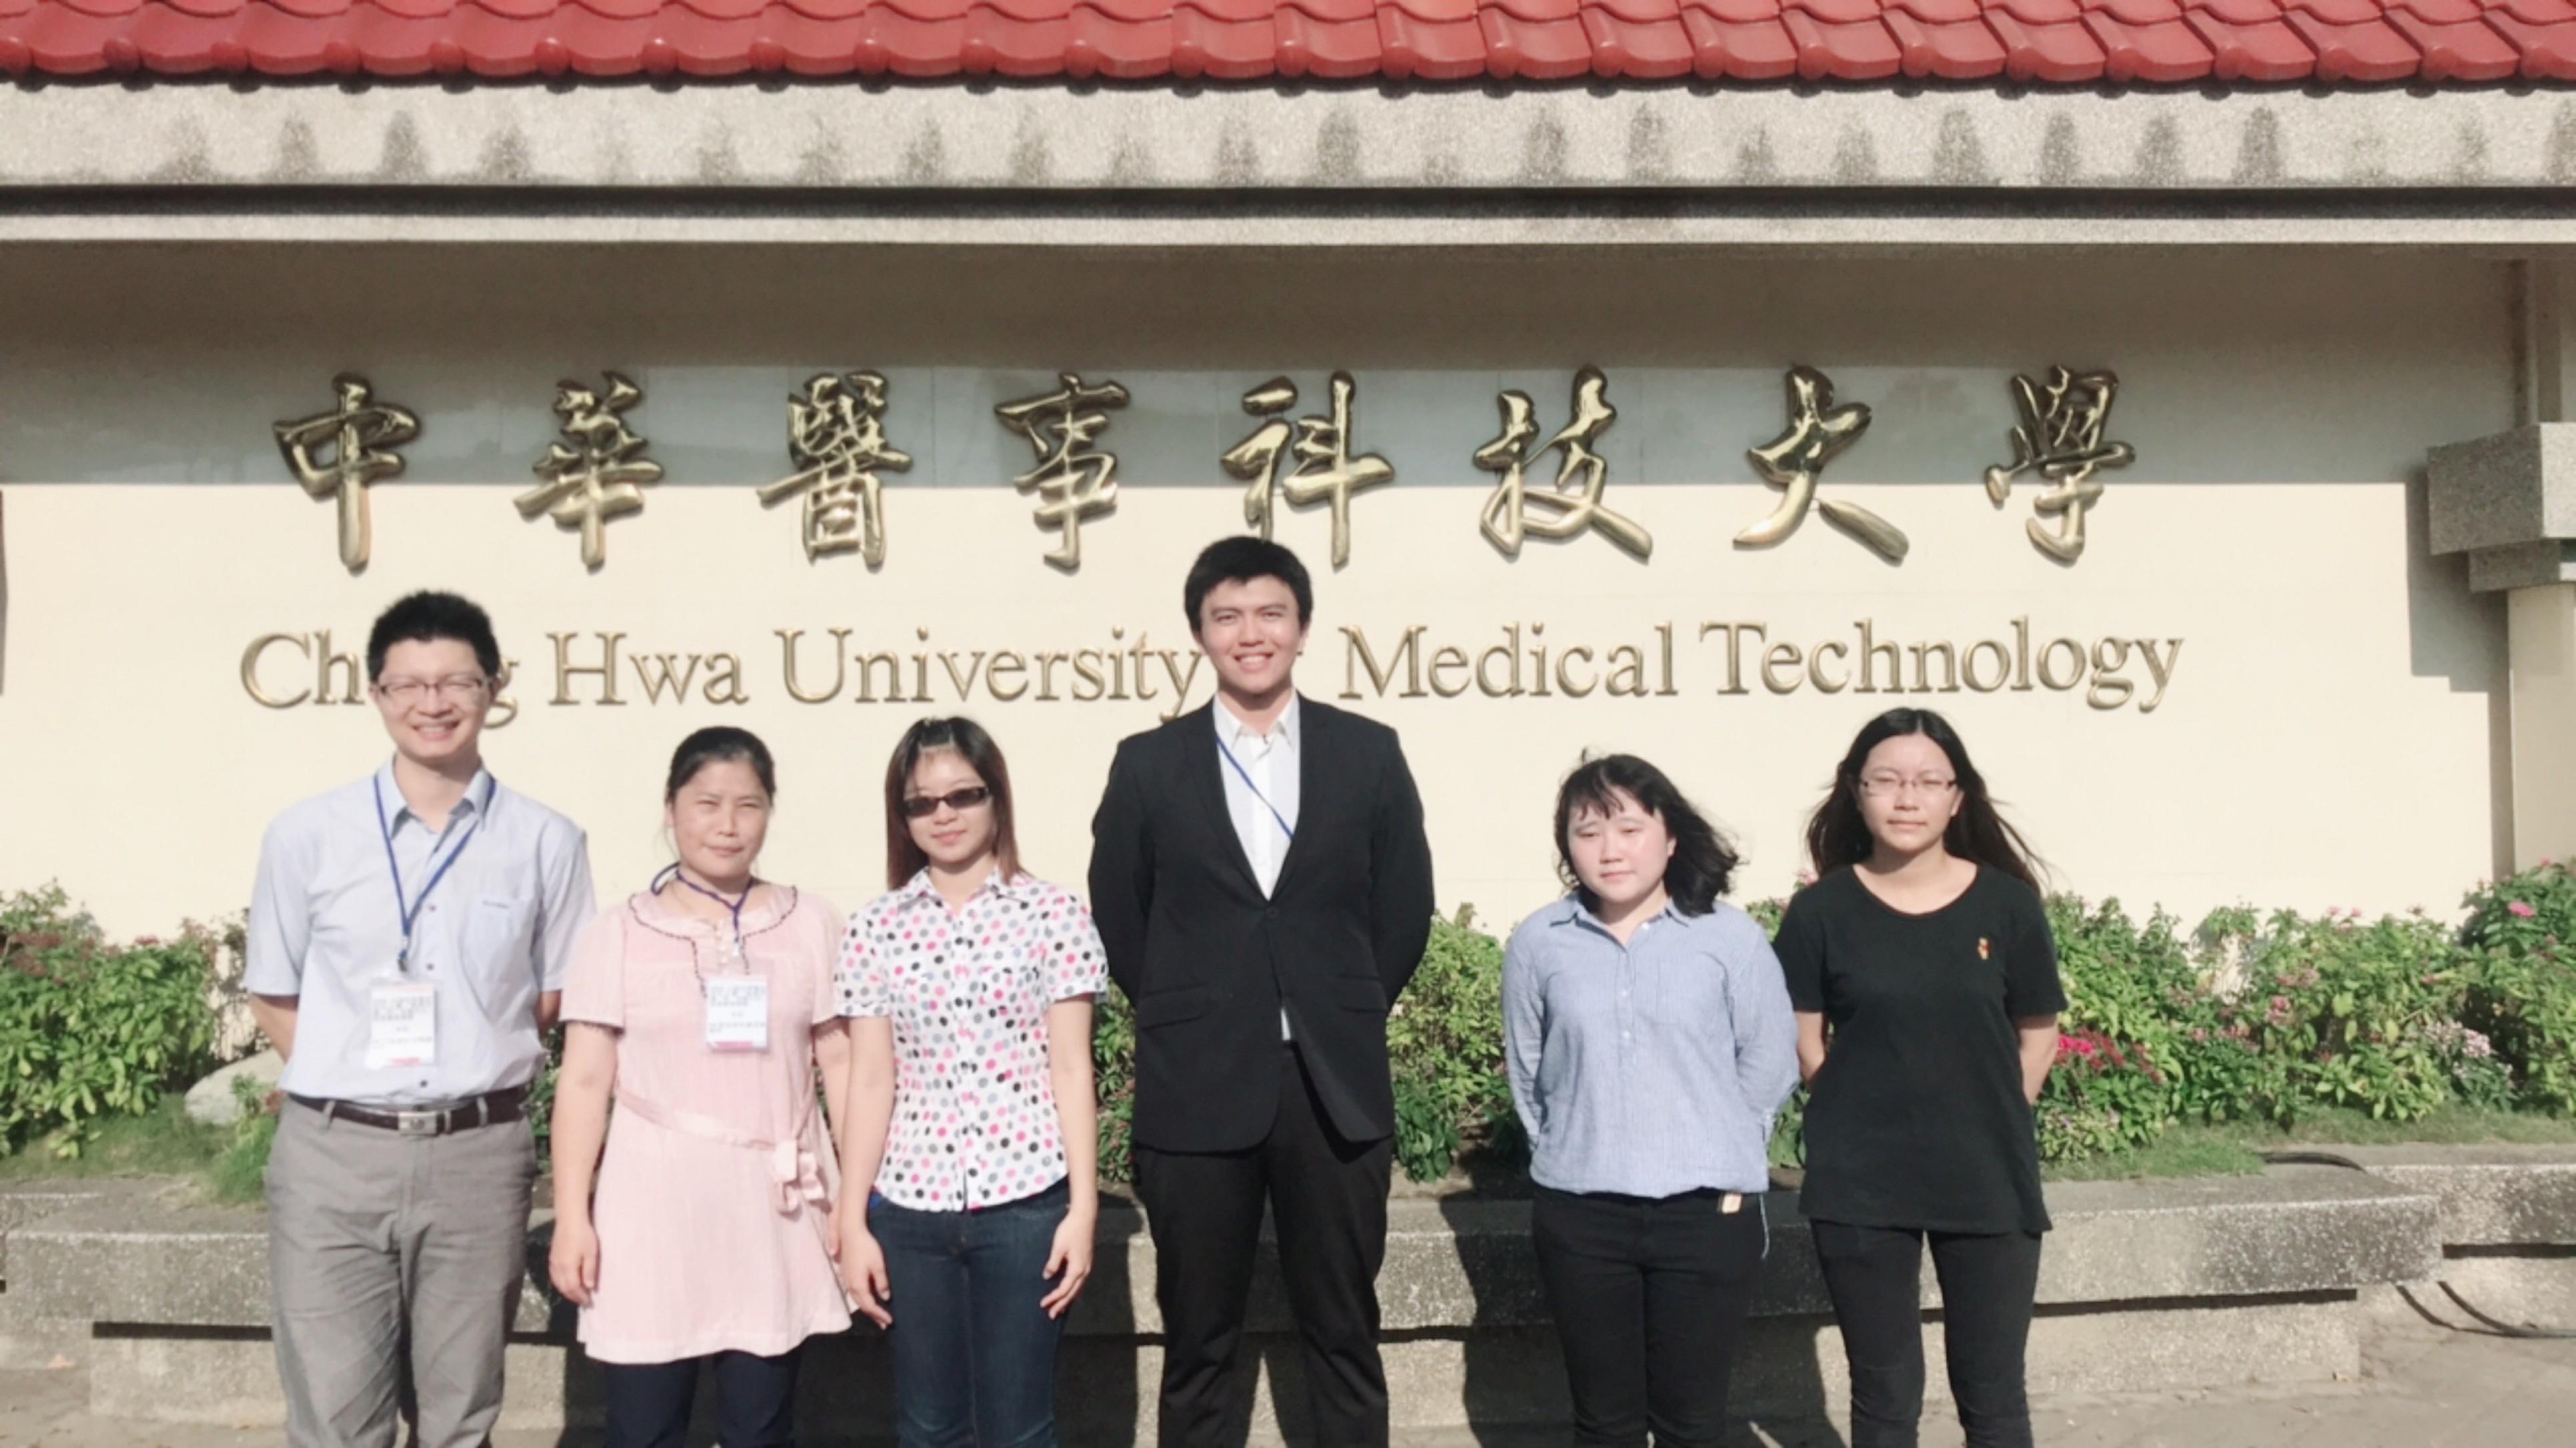 本團隊成員由中華醫事科大醫技系師生組成